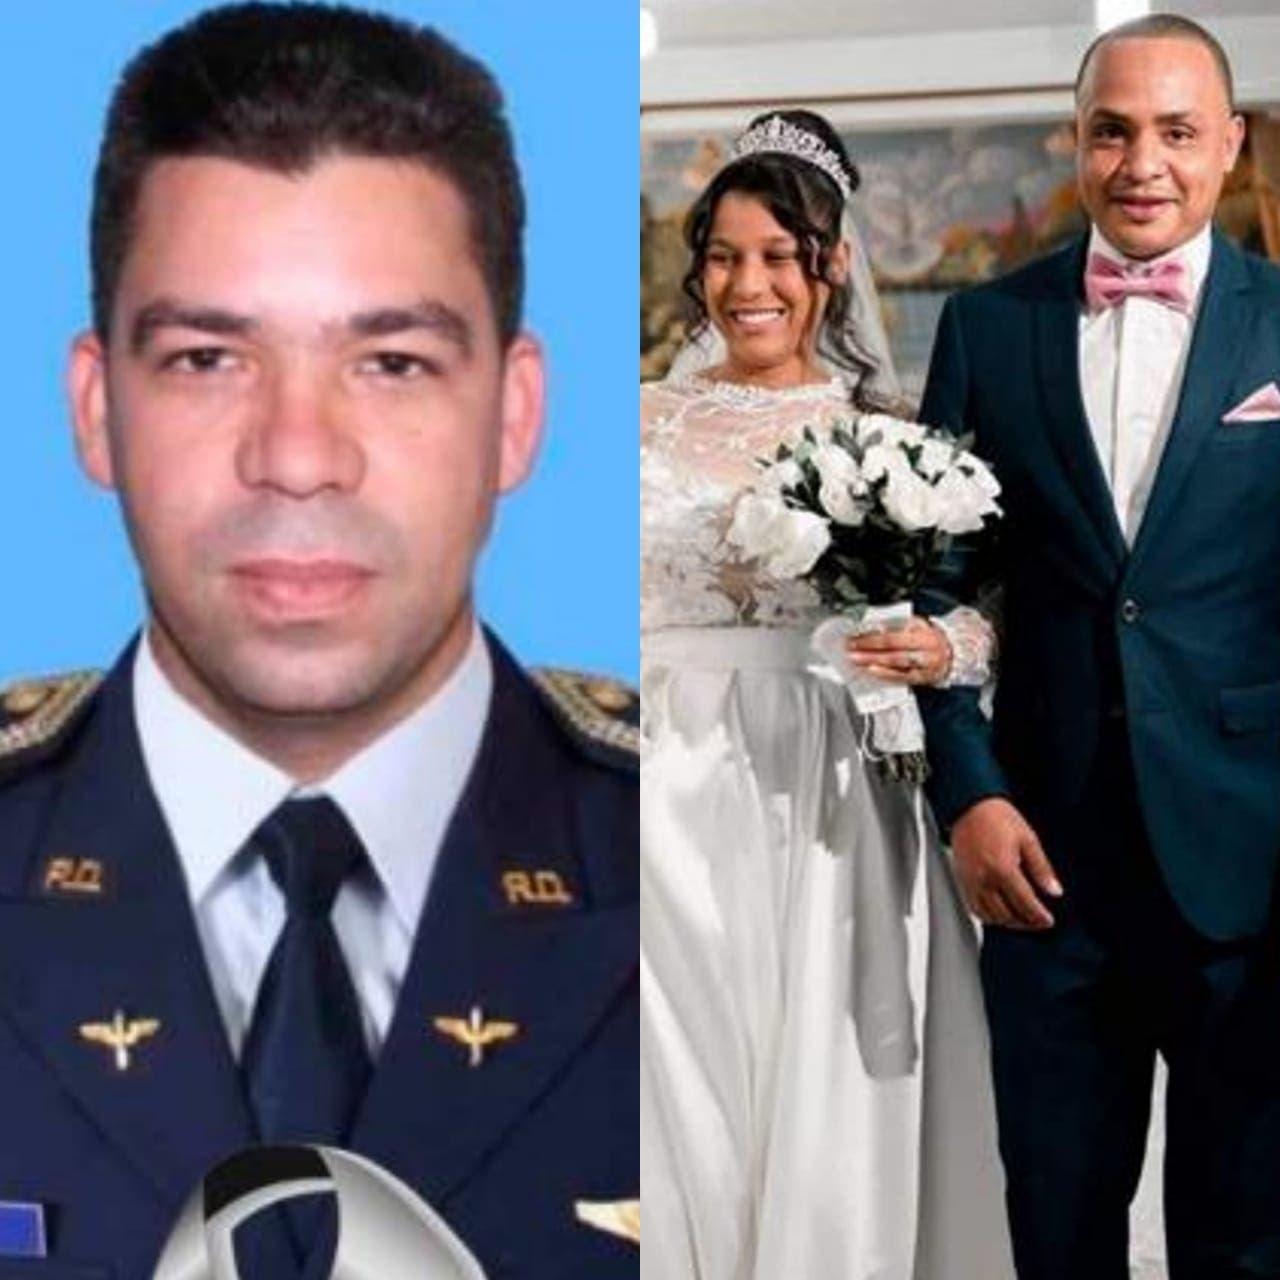 Escándalos: Actuaciones policiales que aún no han sido aclaradas